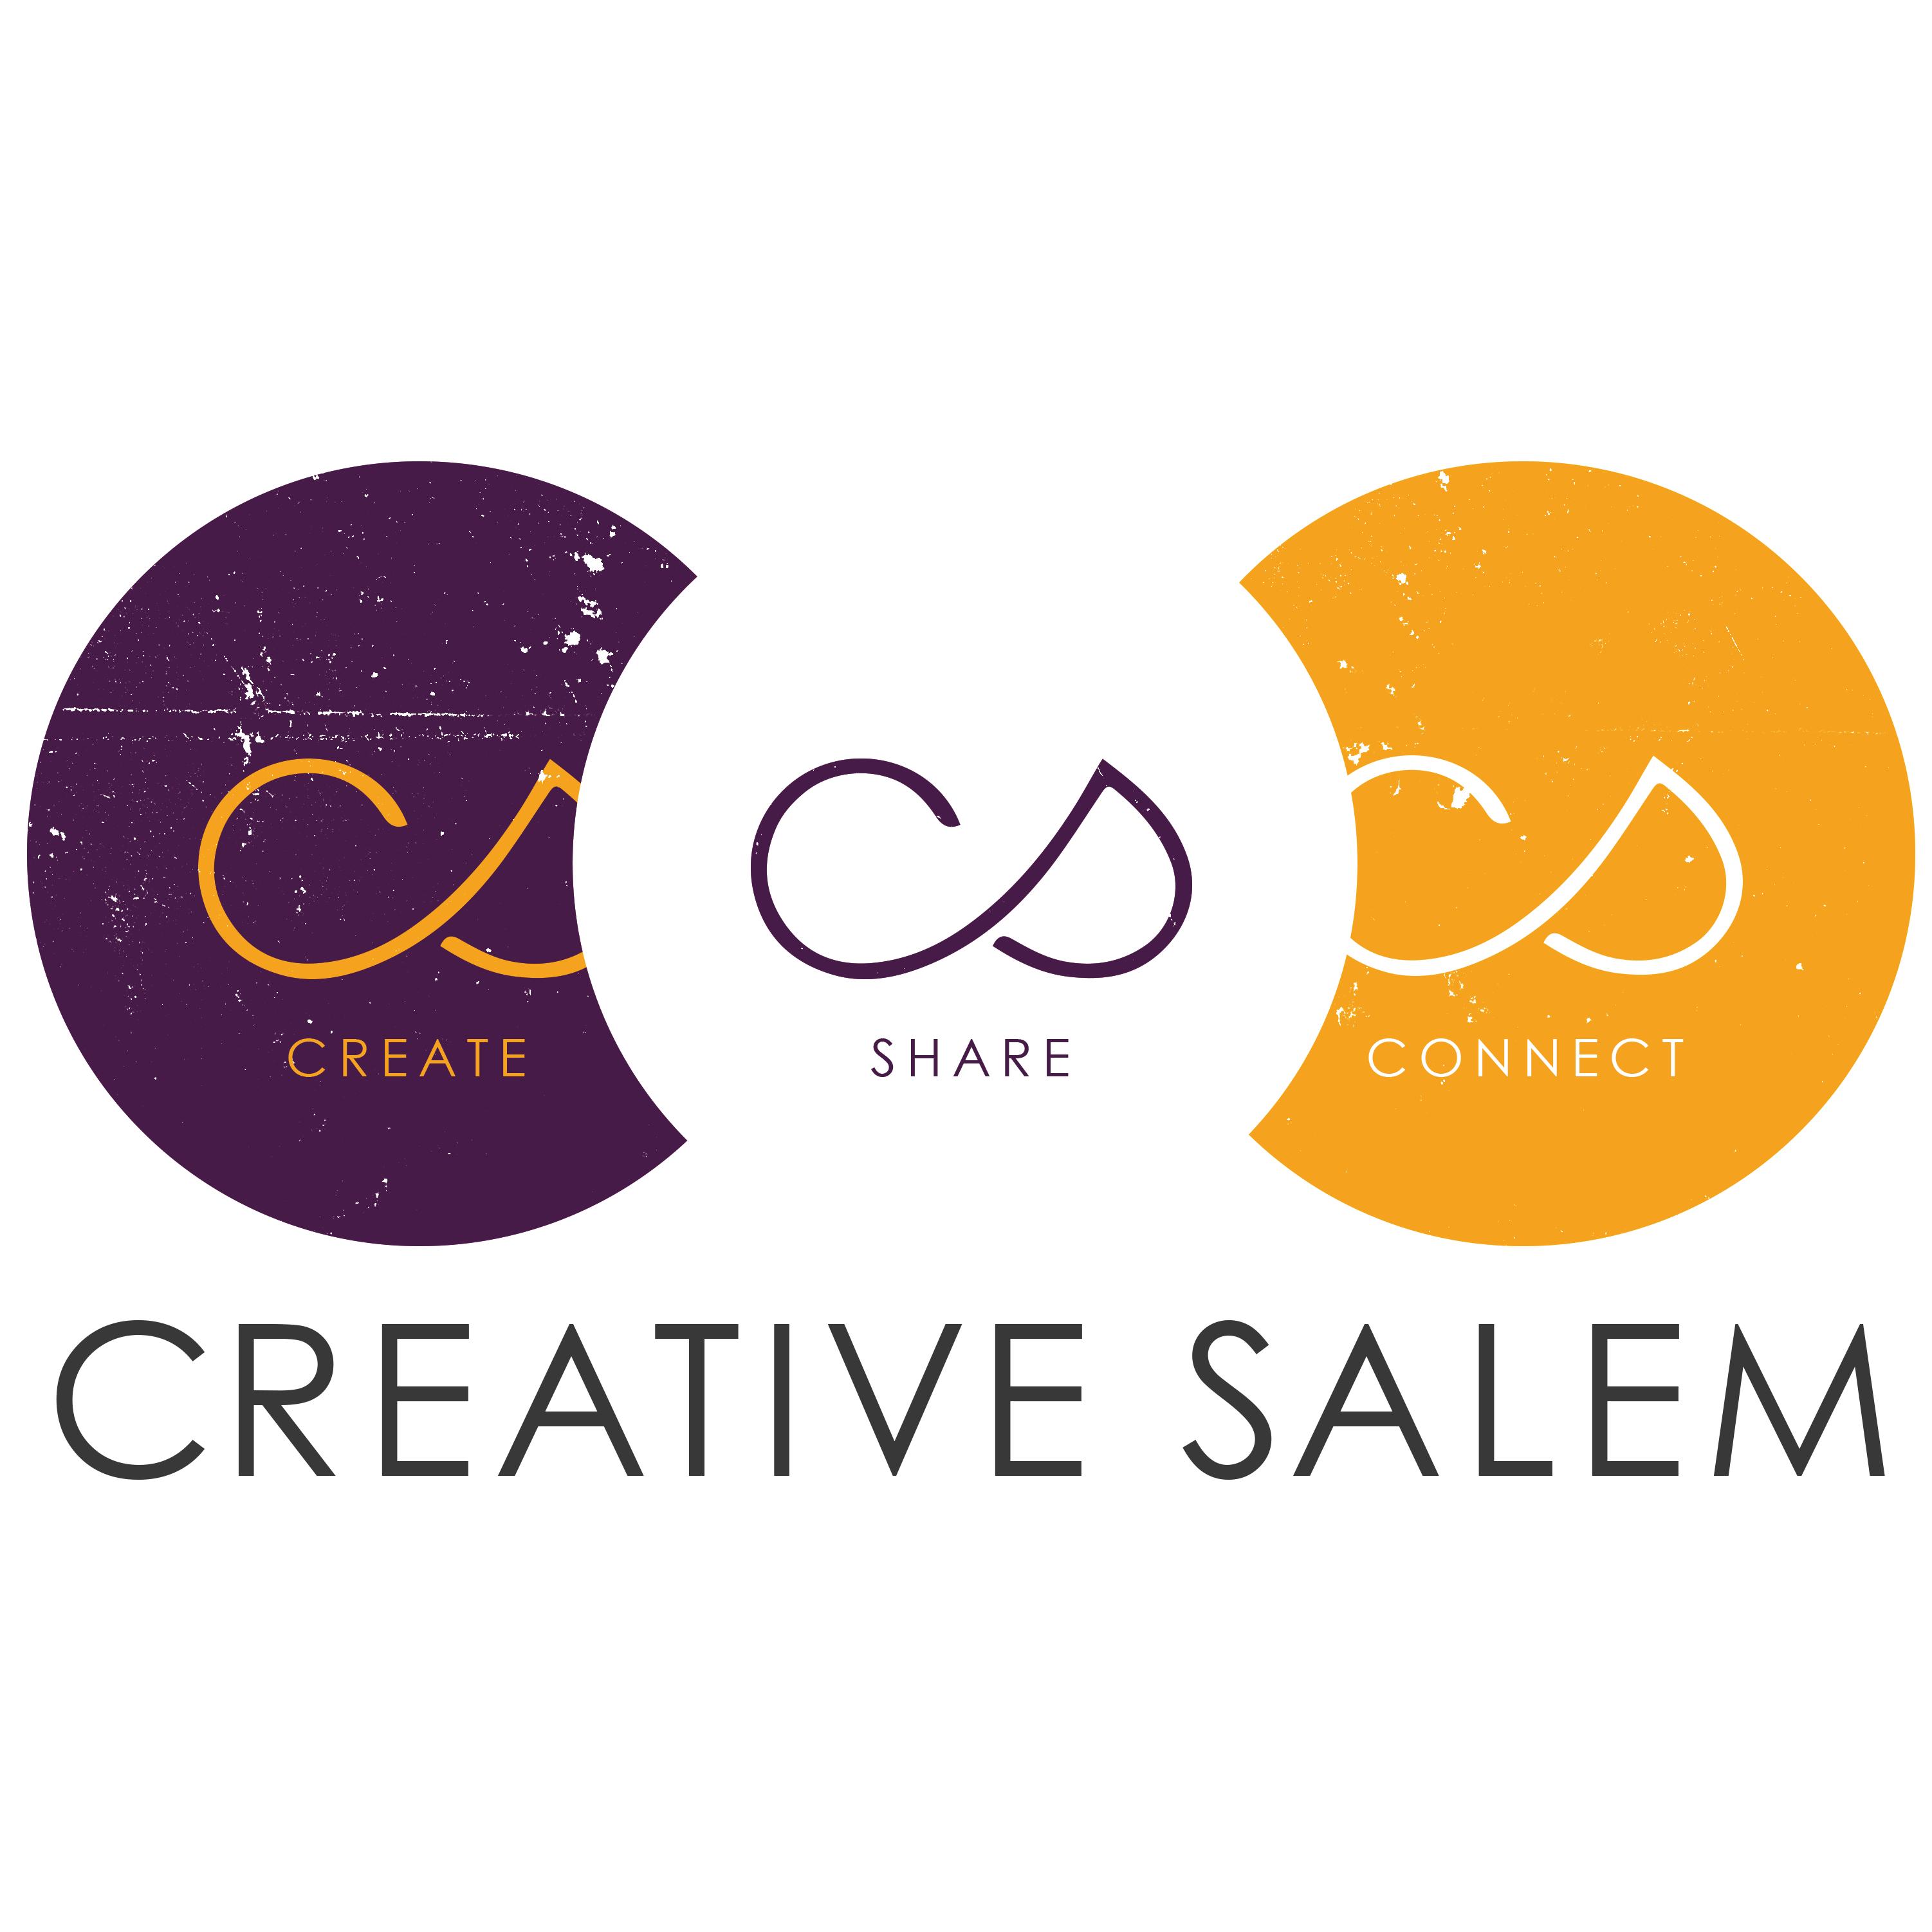 Creative Salem